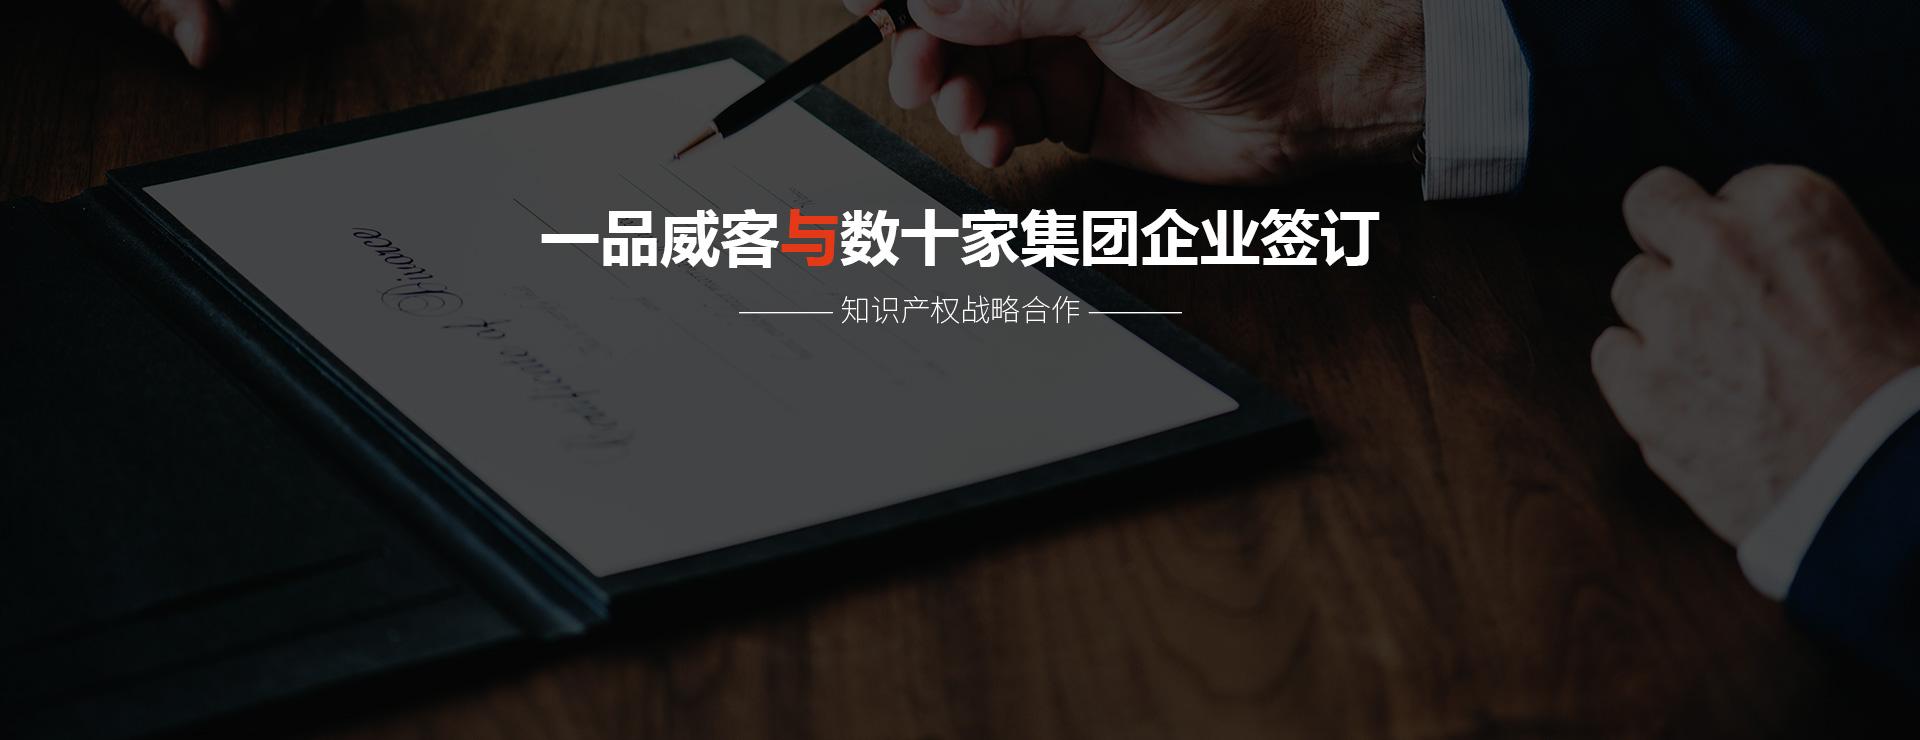 一品威客与数十家集团企业签订知识产权战略合作